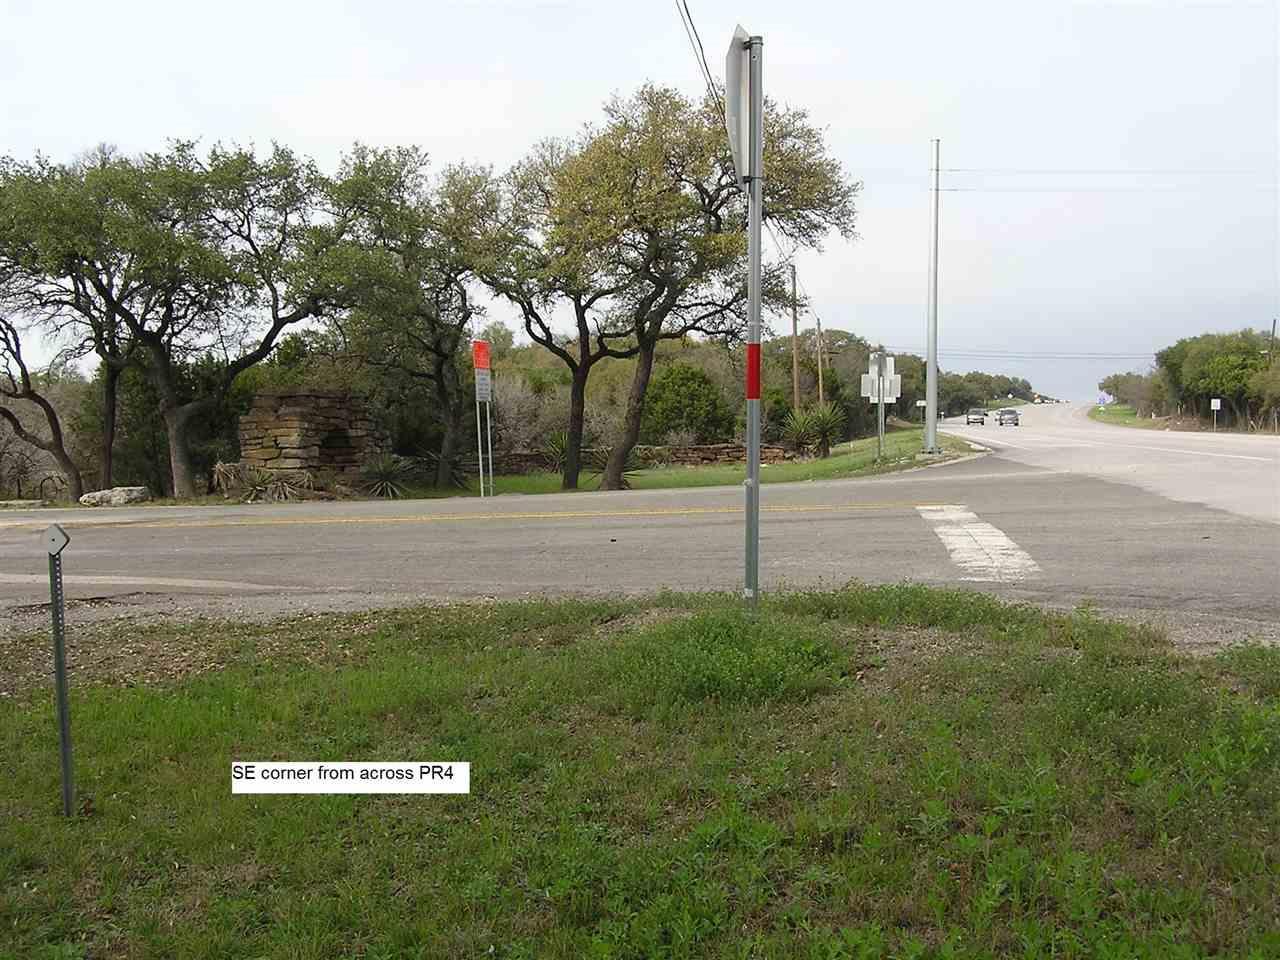 000 Park Road 4 - Photo 1